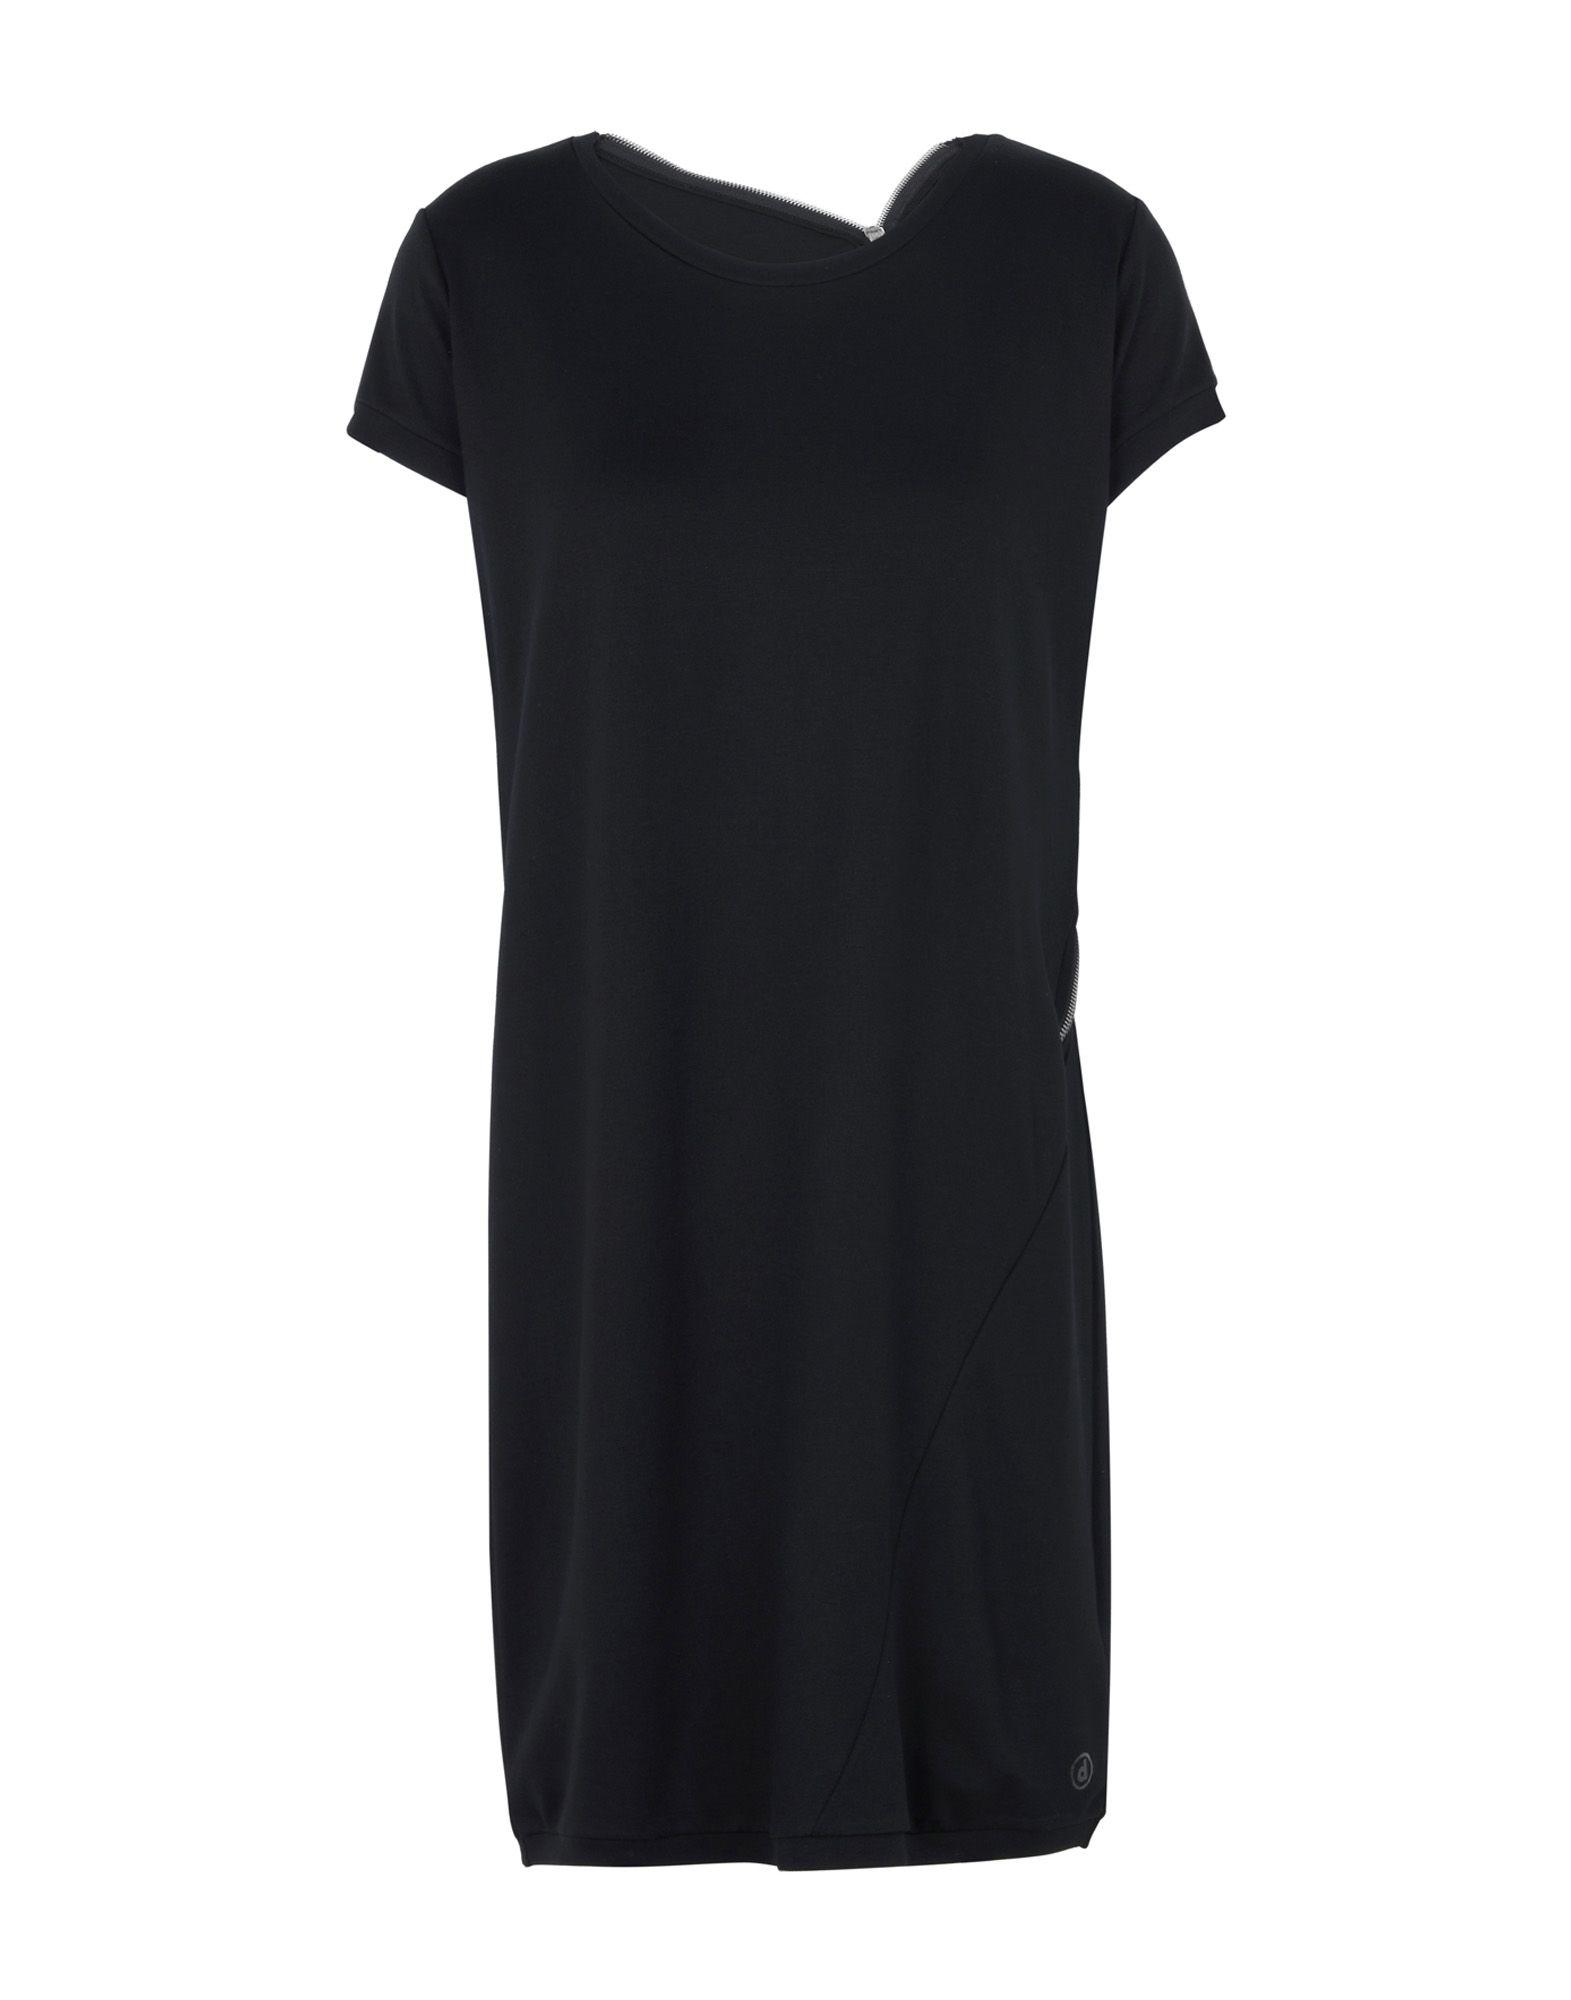 DIMENSIONE DANZA Damen Kurzes Kleid Farbe Schwarz Größe 6